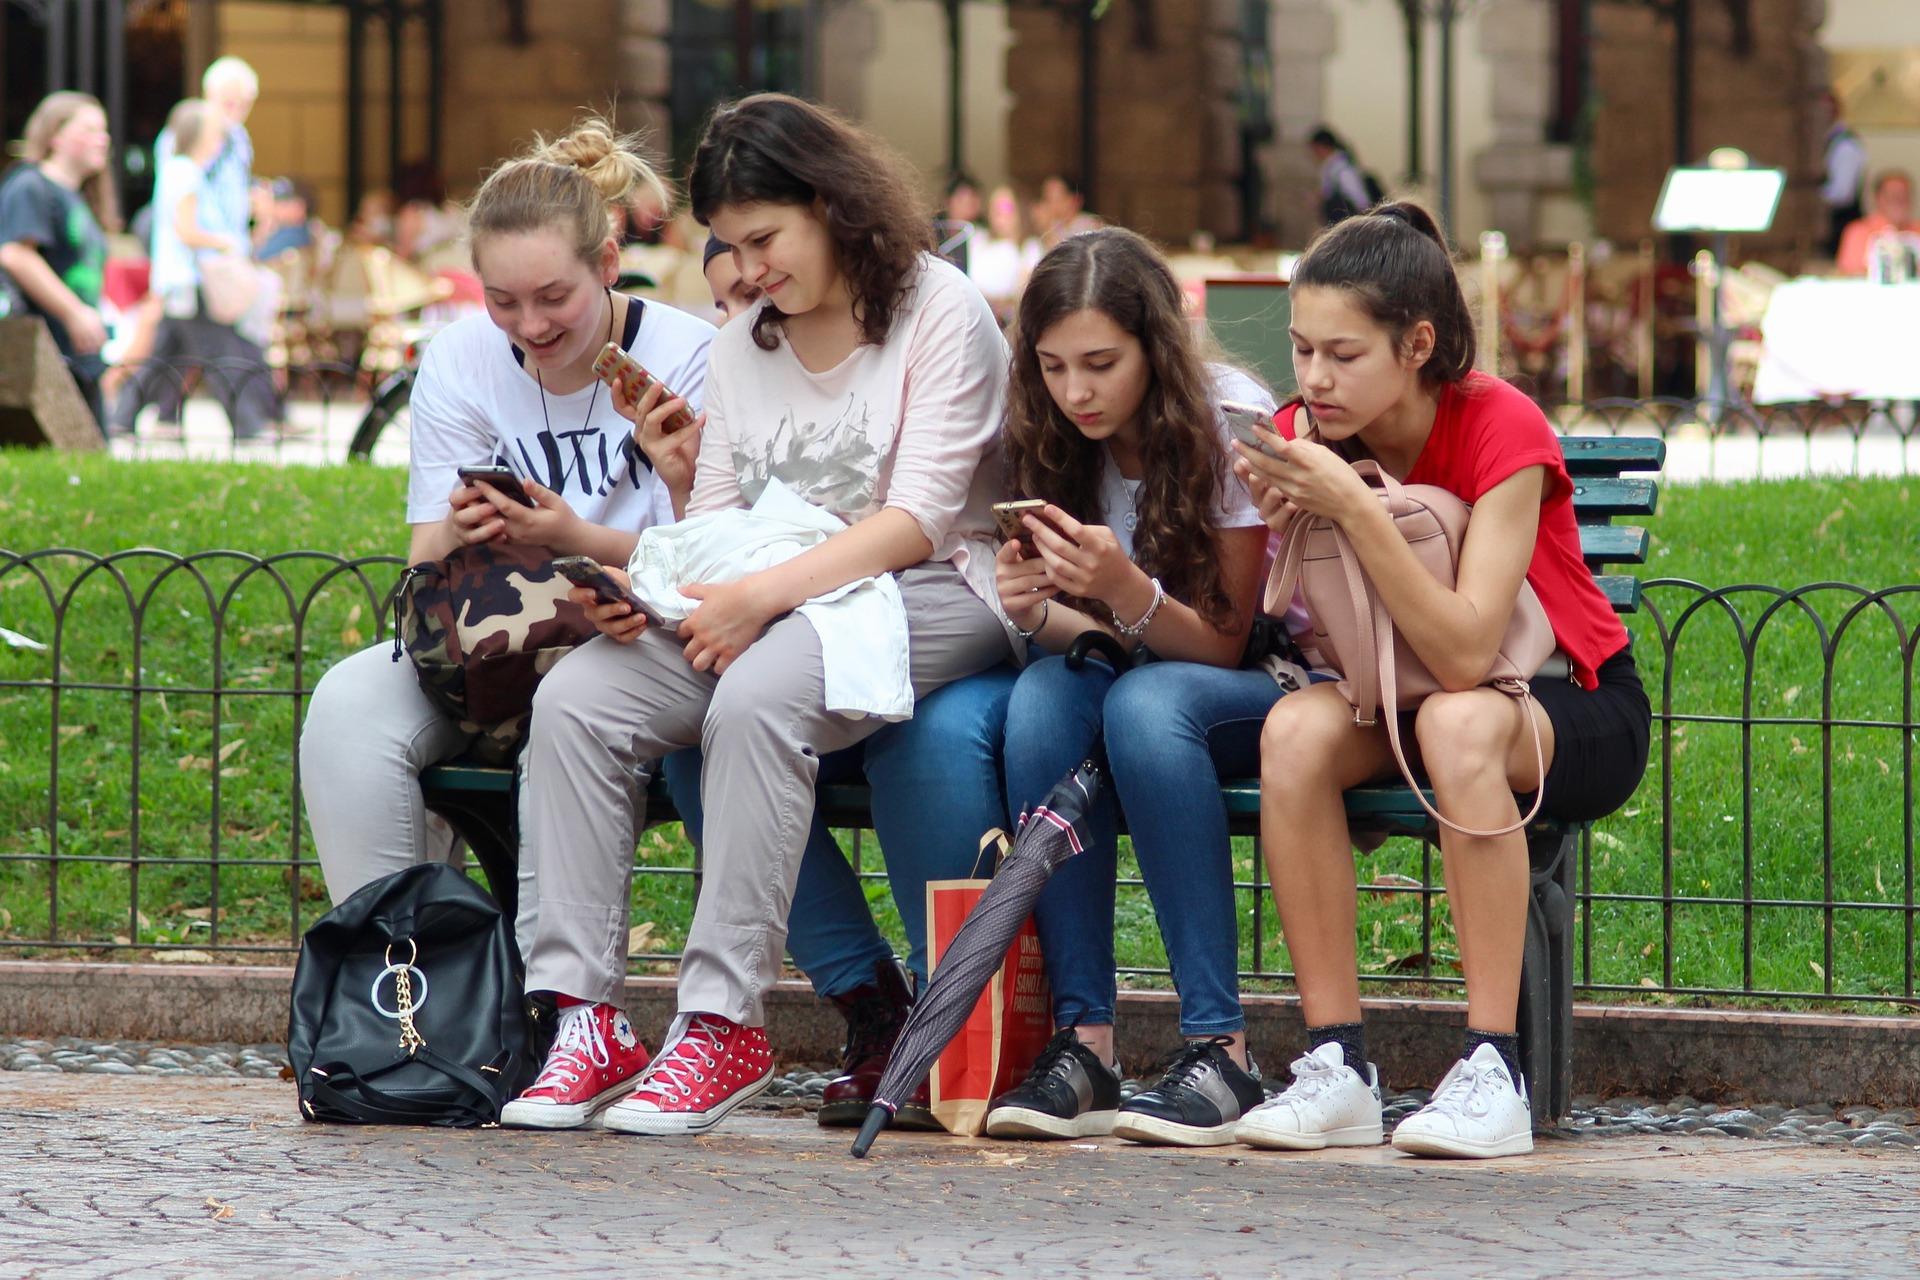 4 factores importantes antes de comprar un celular movil a nuestros hijos e hijas.